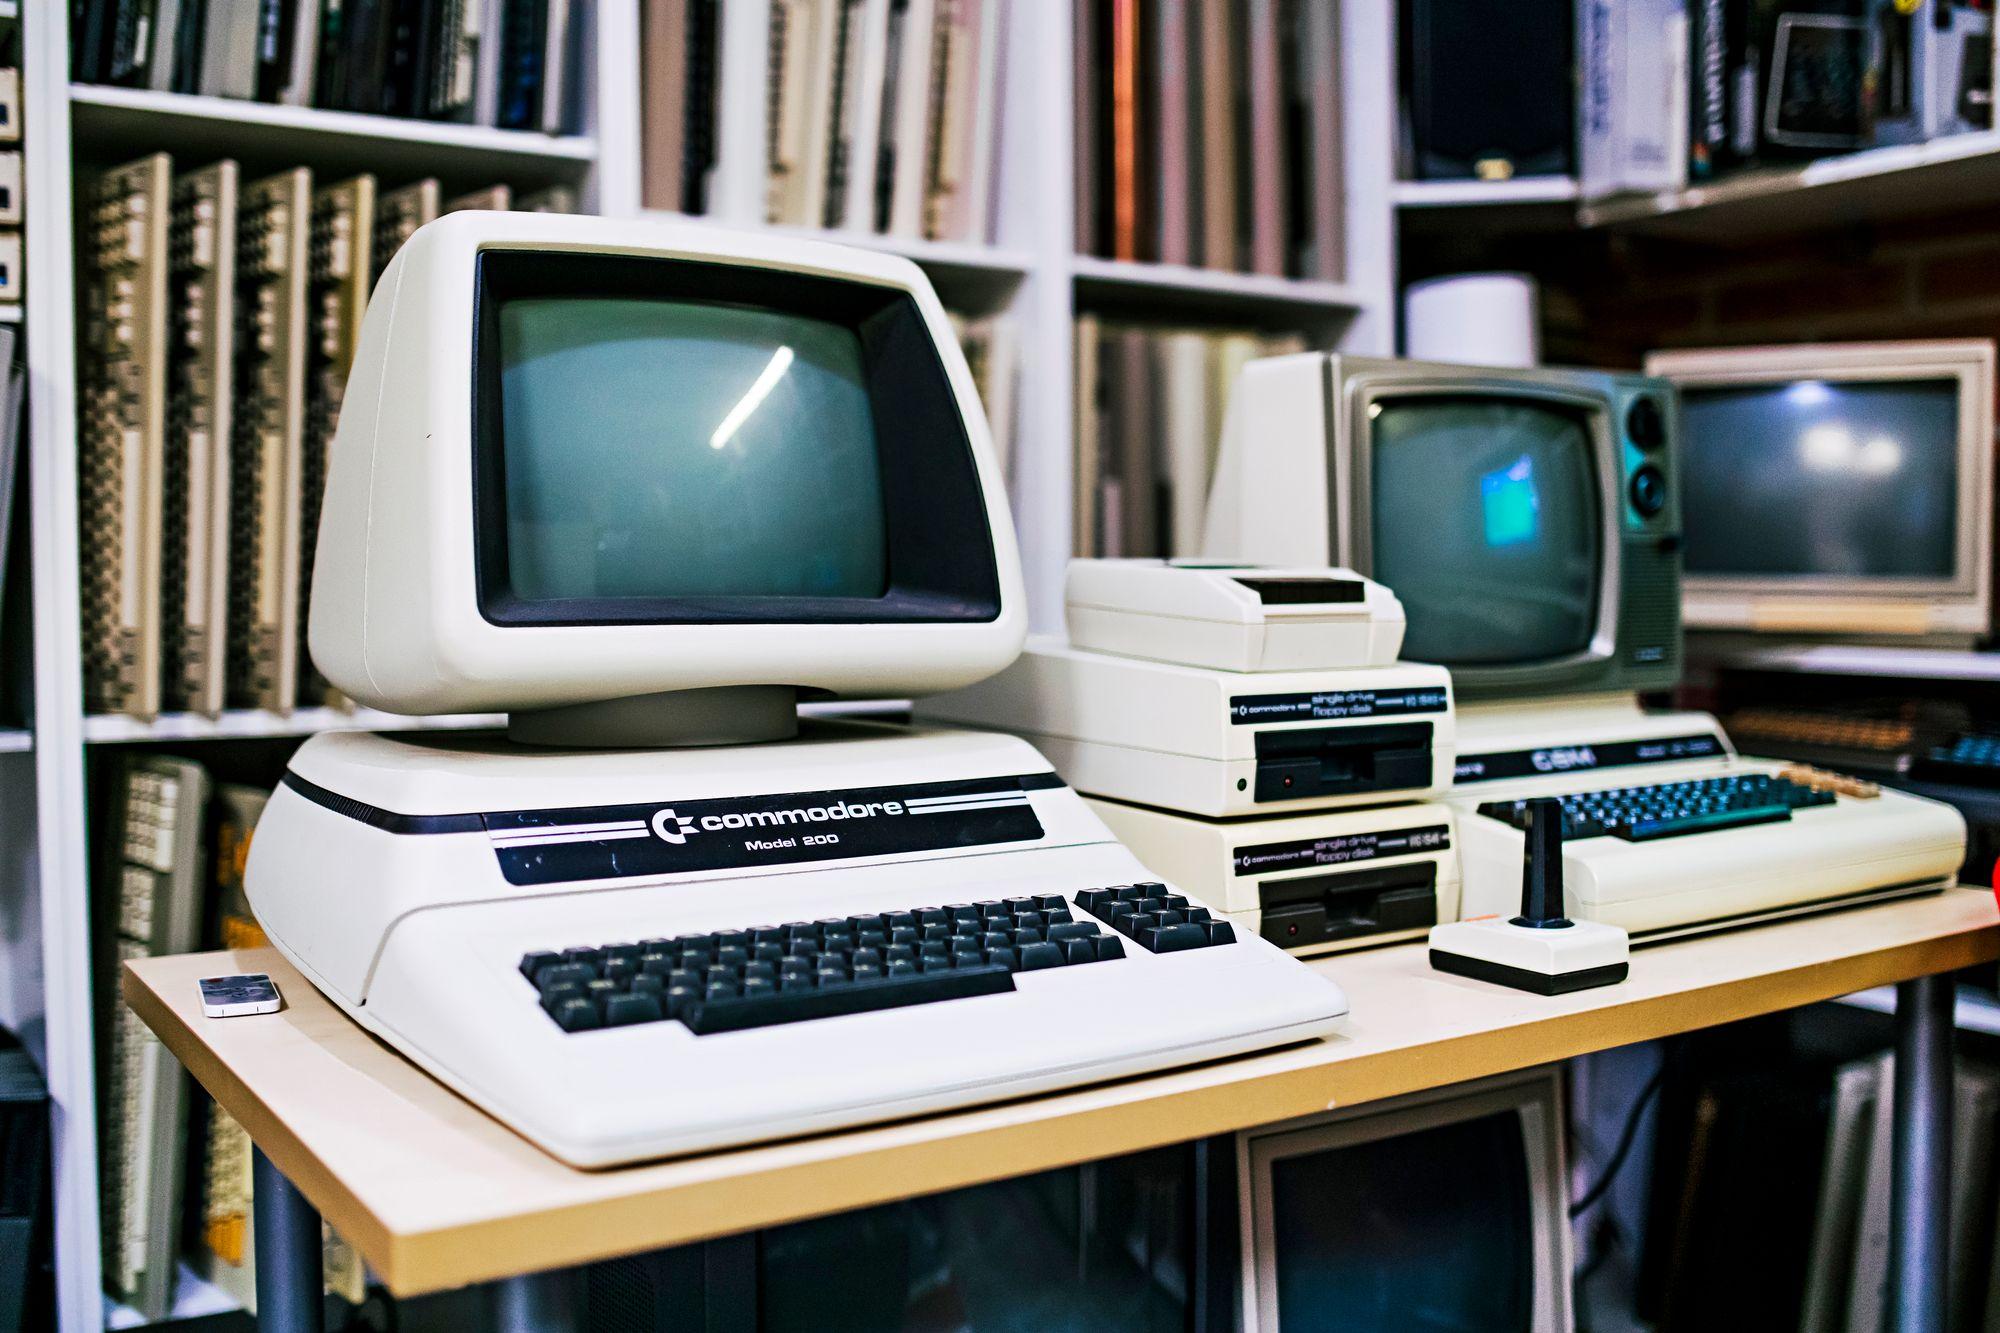 Mustavalkoinen Commodore PET 200 -tietokone oli aikoinaan myynnissä vain Euroopassa. © Krista Luoma